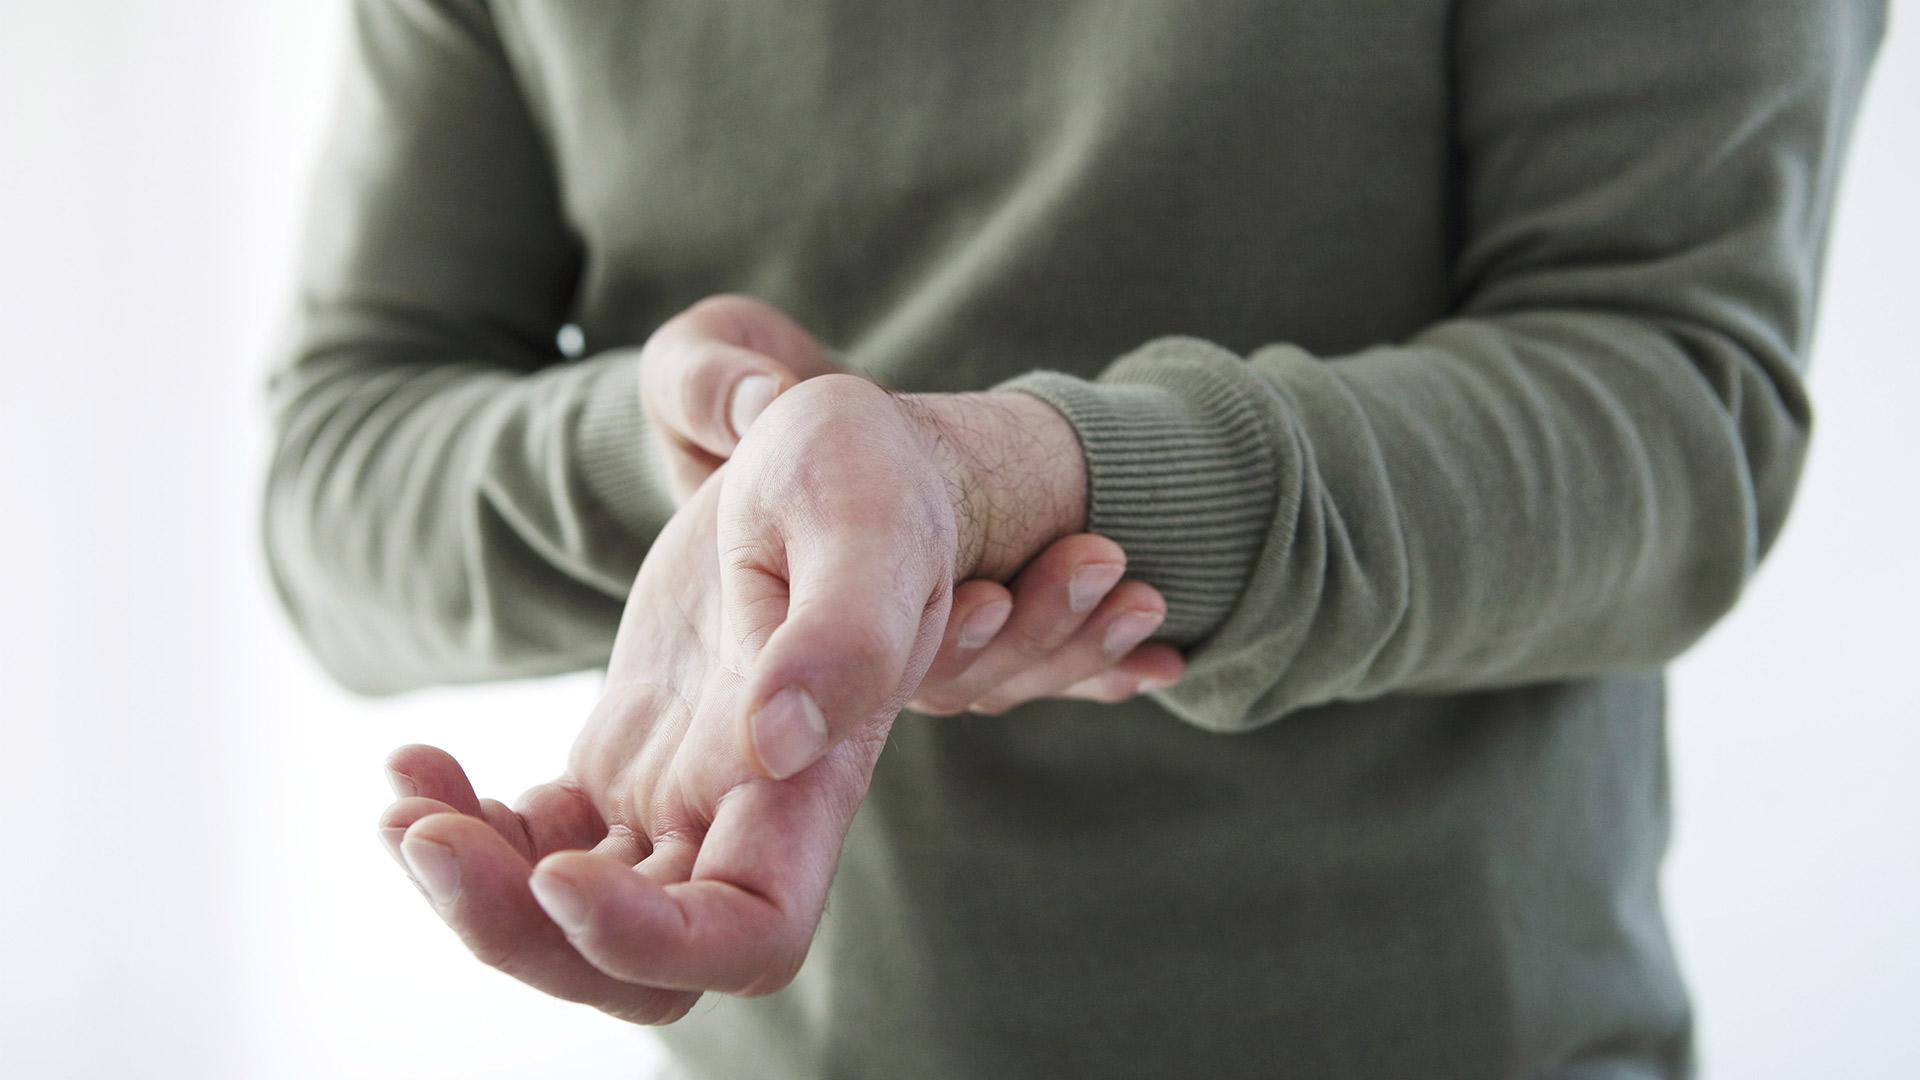 hogyan lehet kezelni a csukló ízületeinek gyulladását